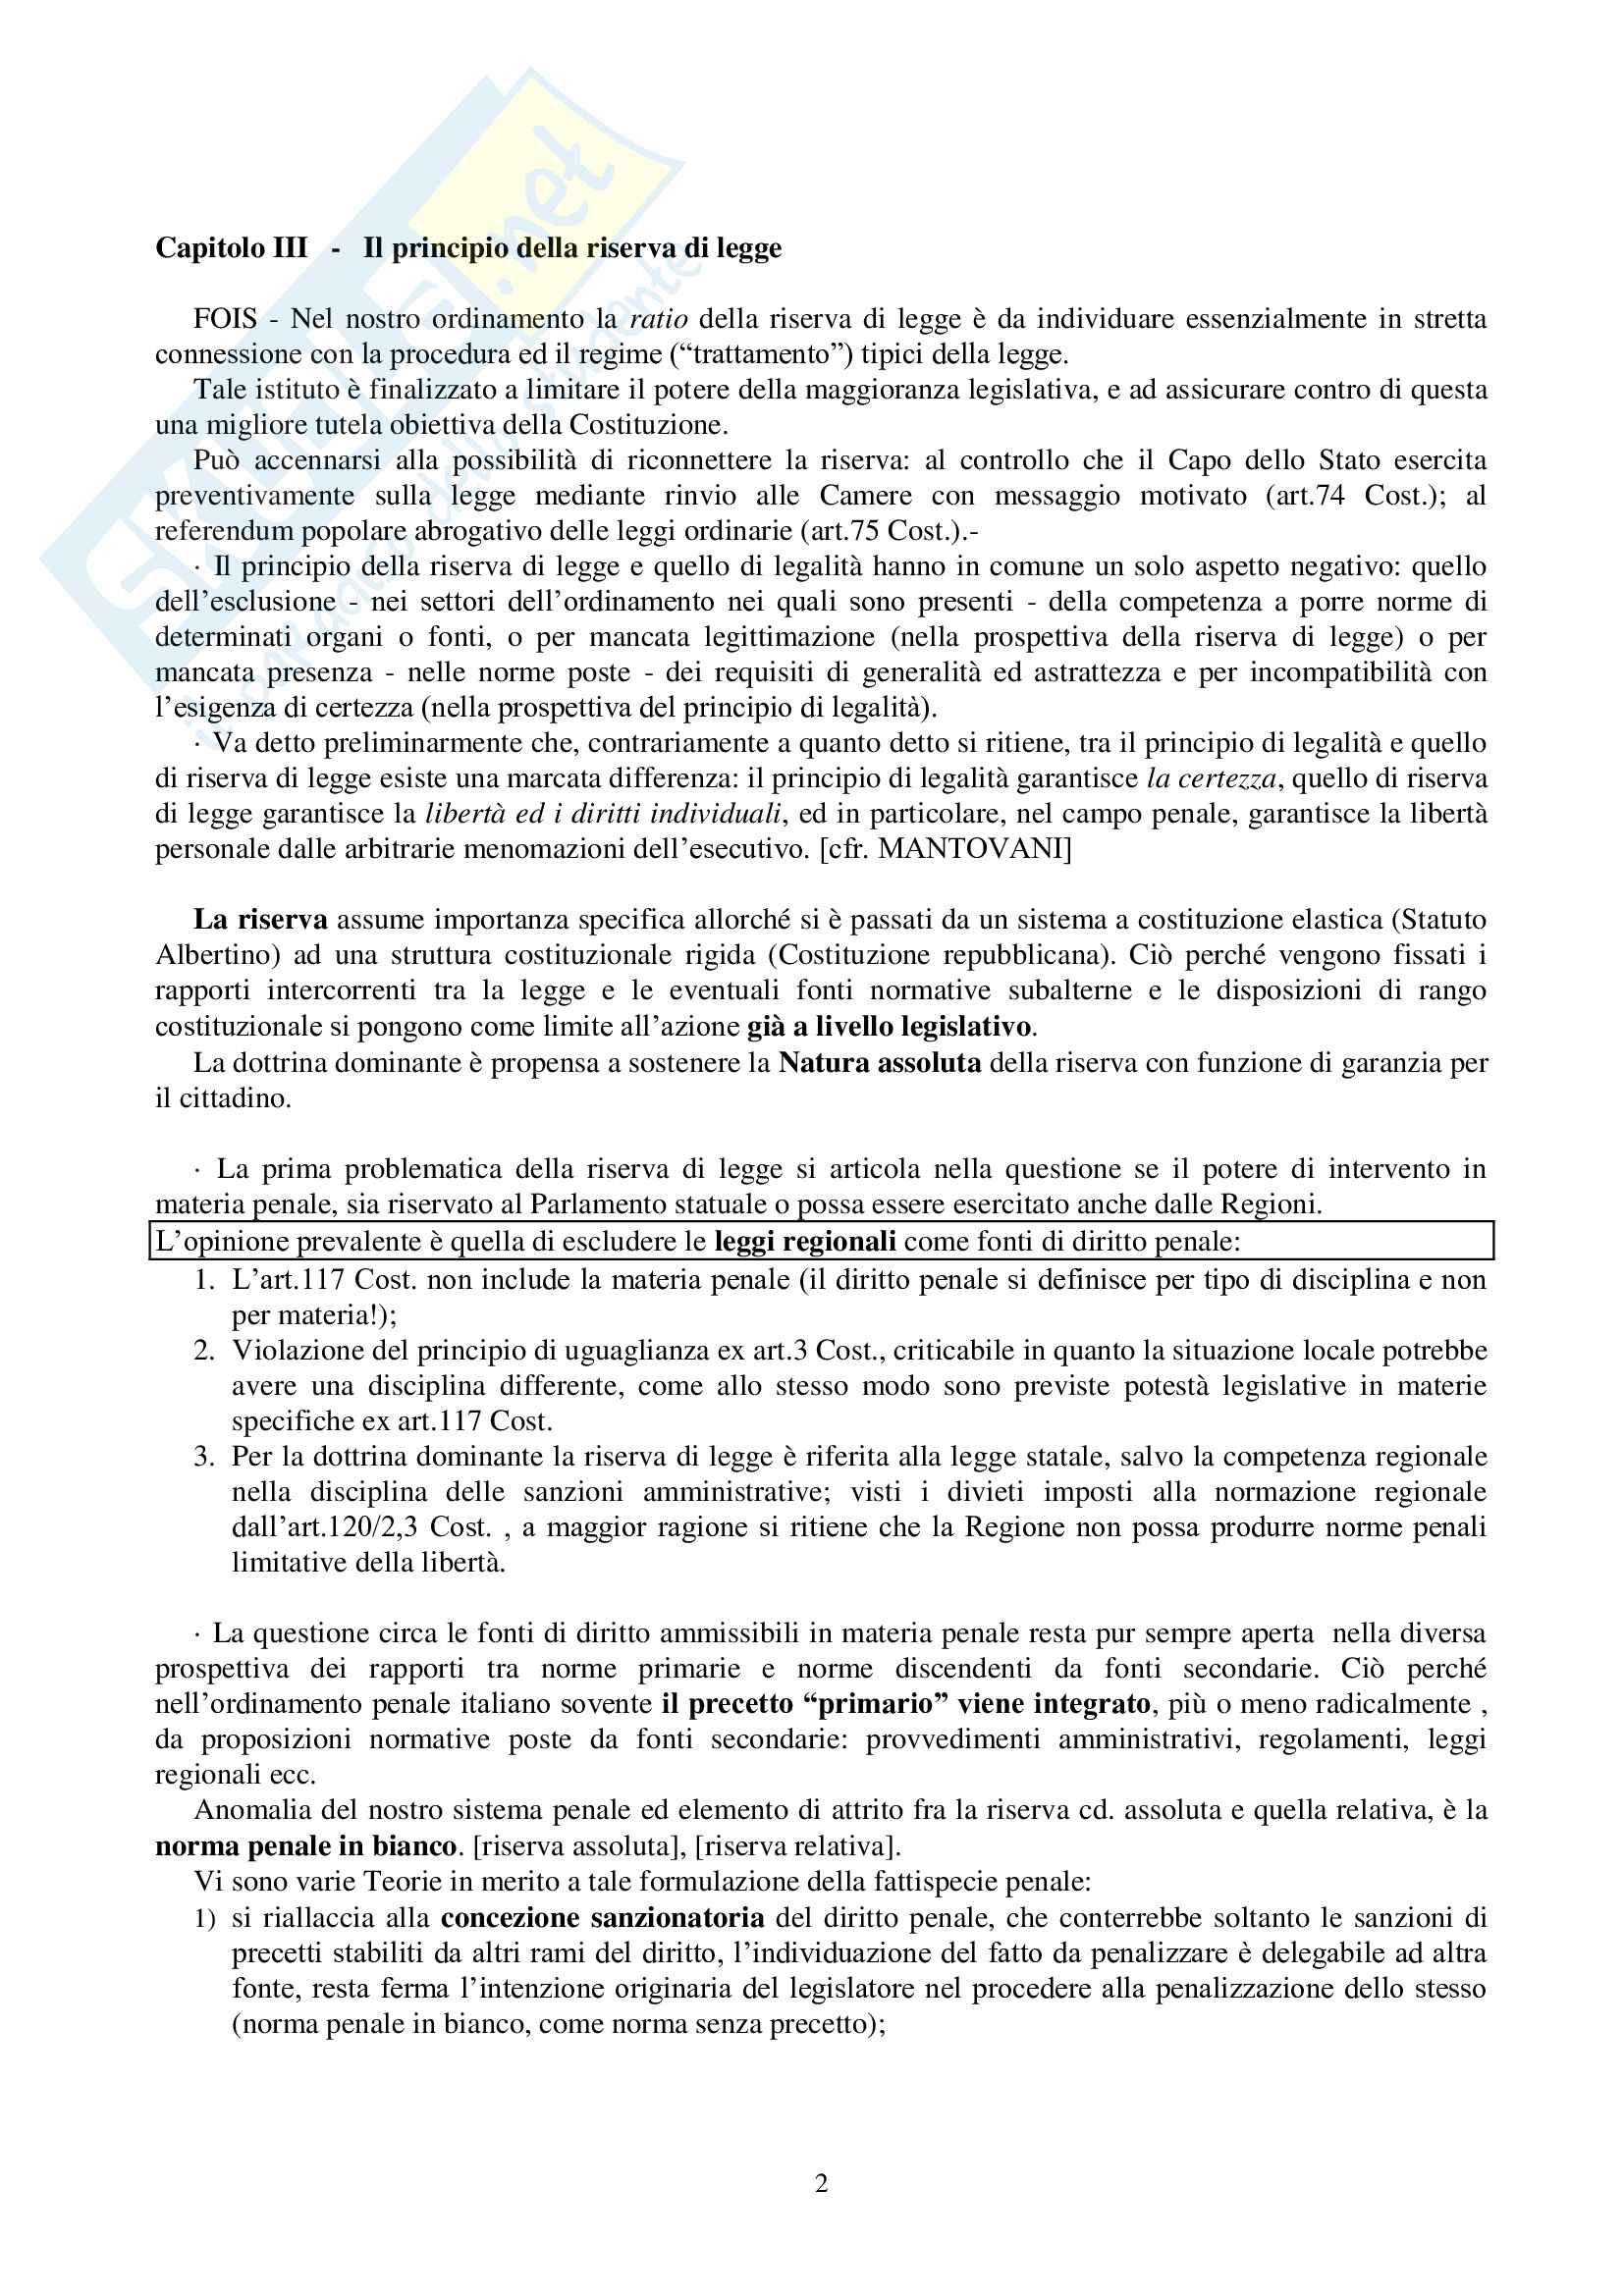 Riassunto esame Diritto Penale, prof. Mantovani Pag. 2